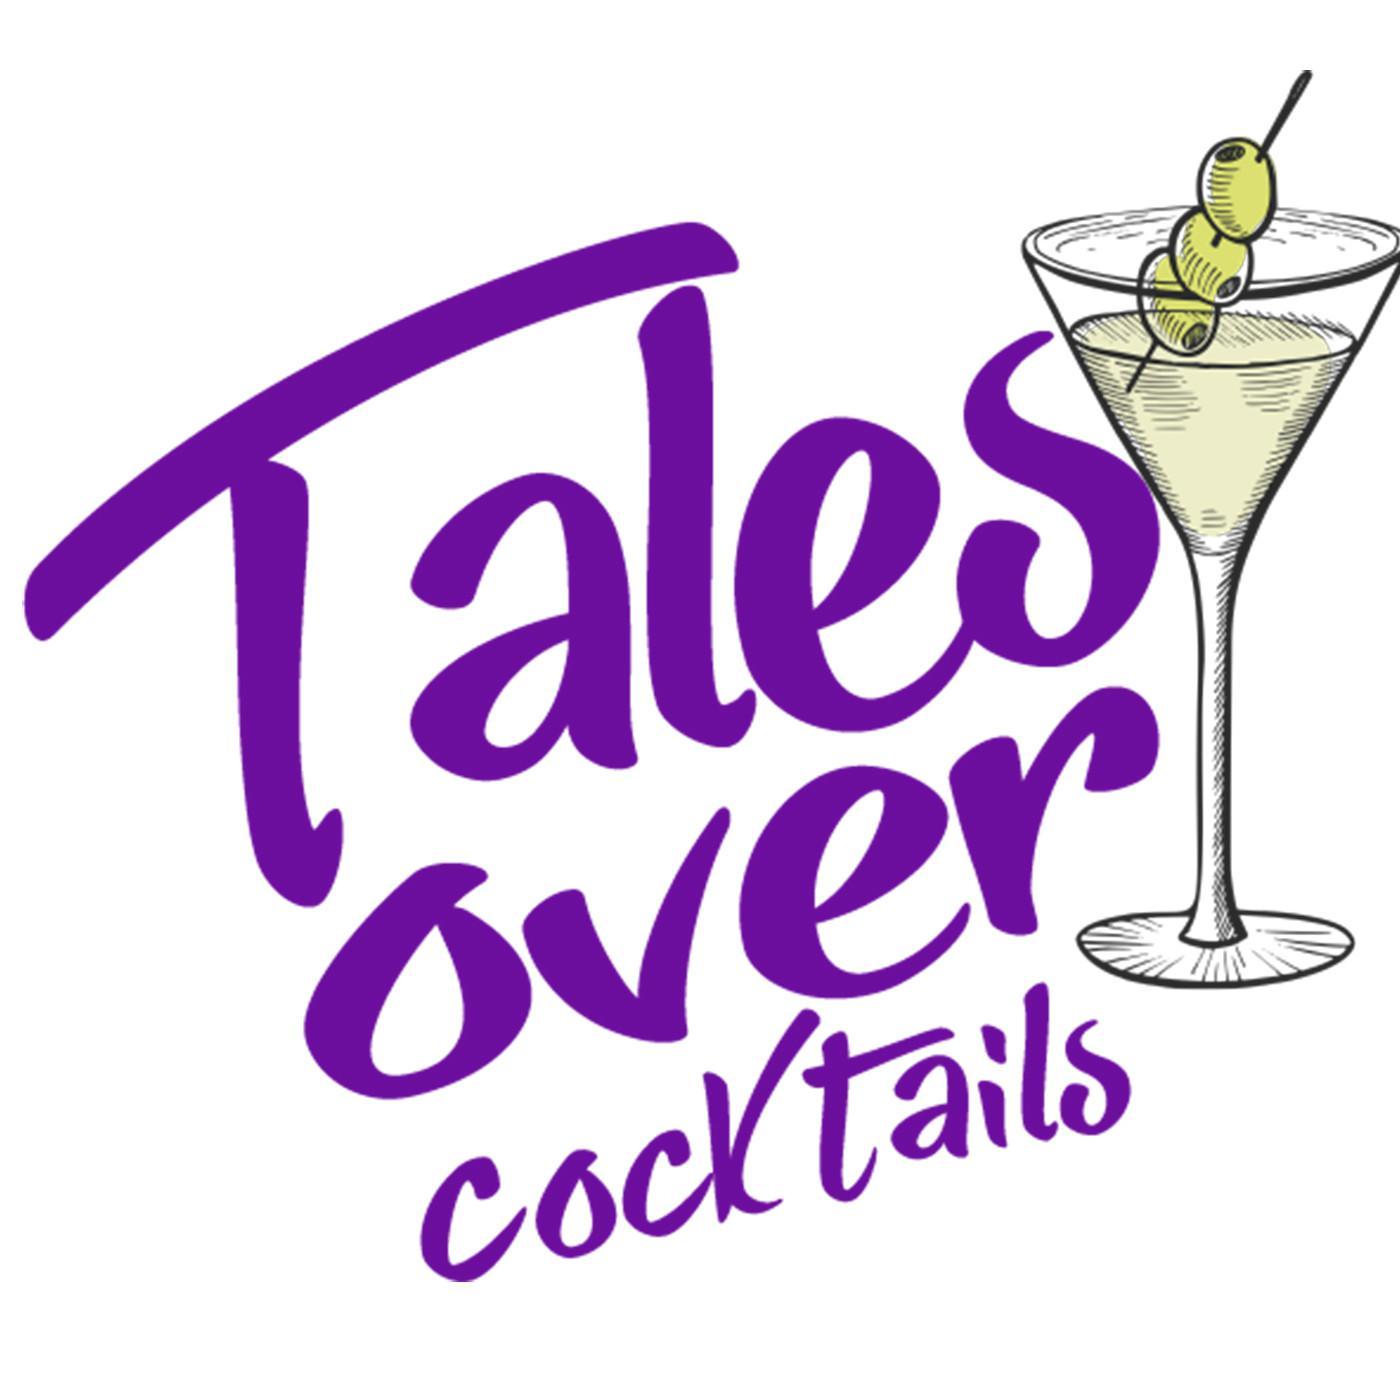 Tales Over Cocktails (podcast) - 103 5 KTU (WKTU-FM